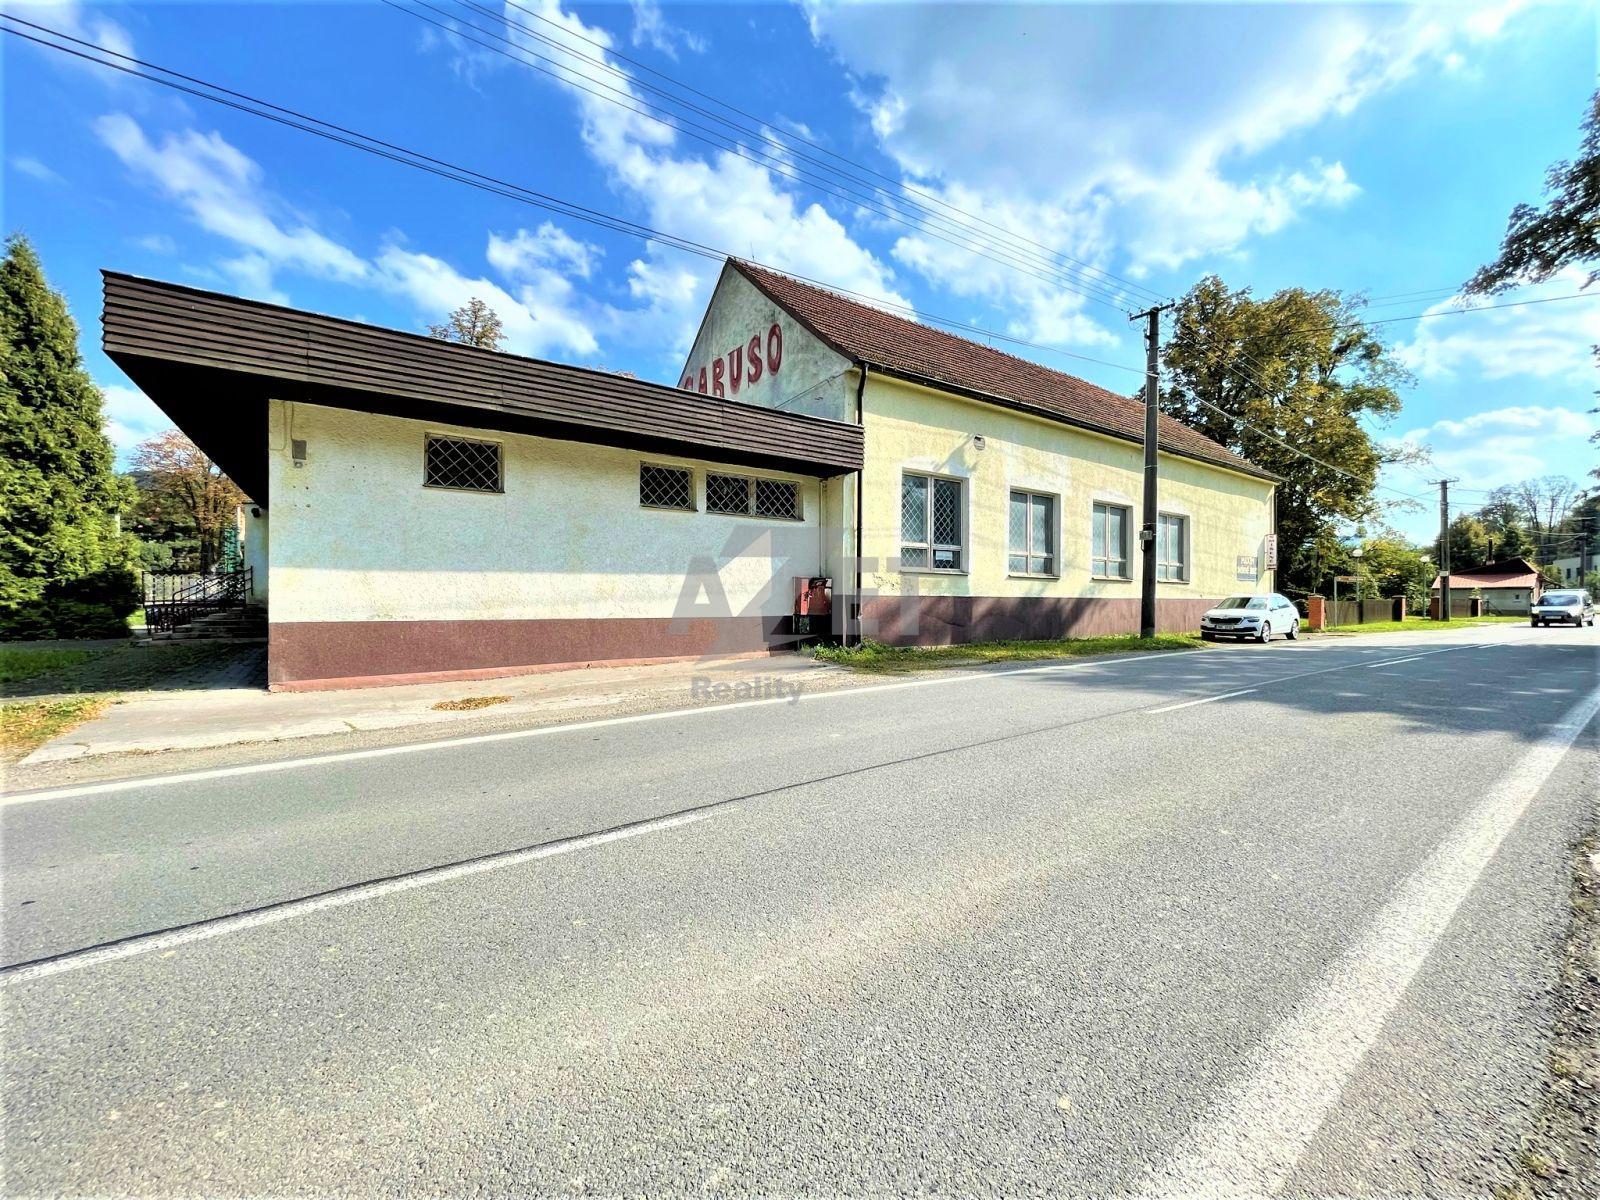 Prodej, komerční nemovitost, 900 m2, Rychaltice, Hukvaldy